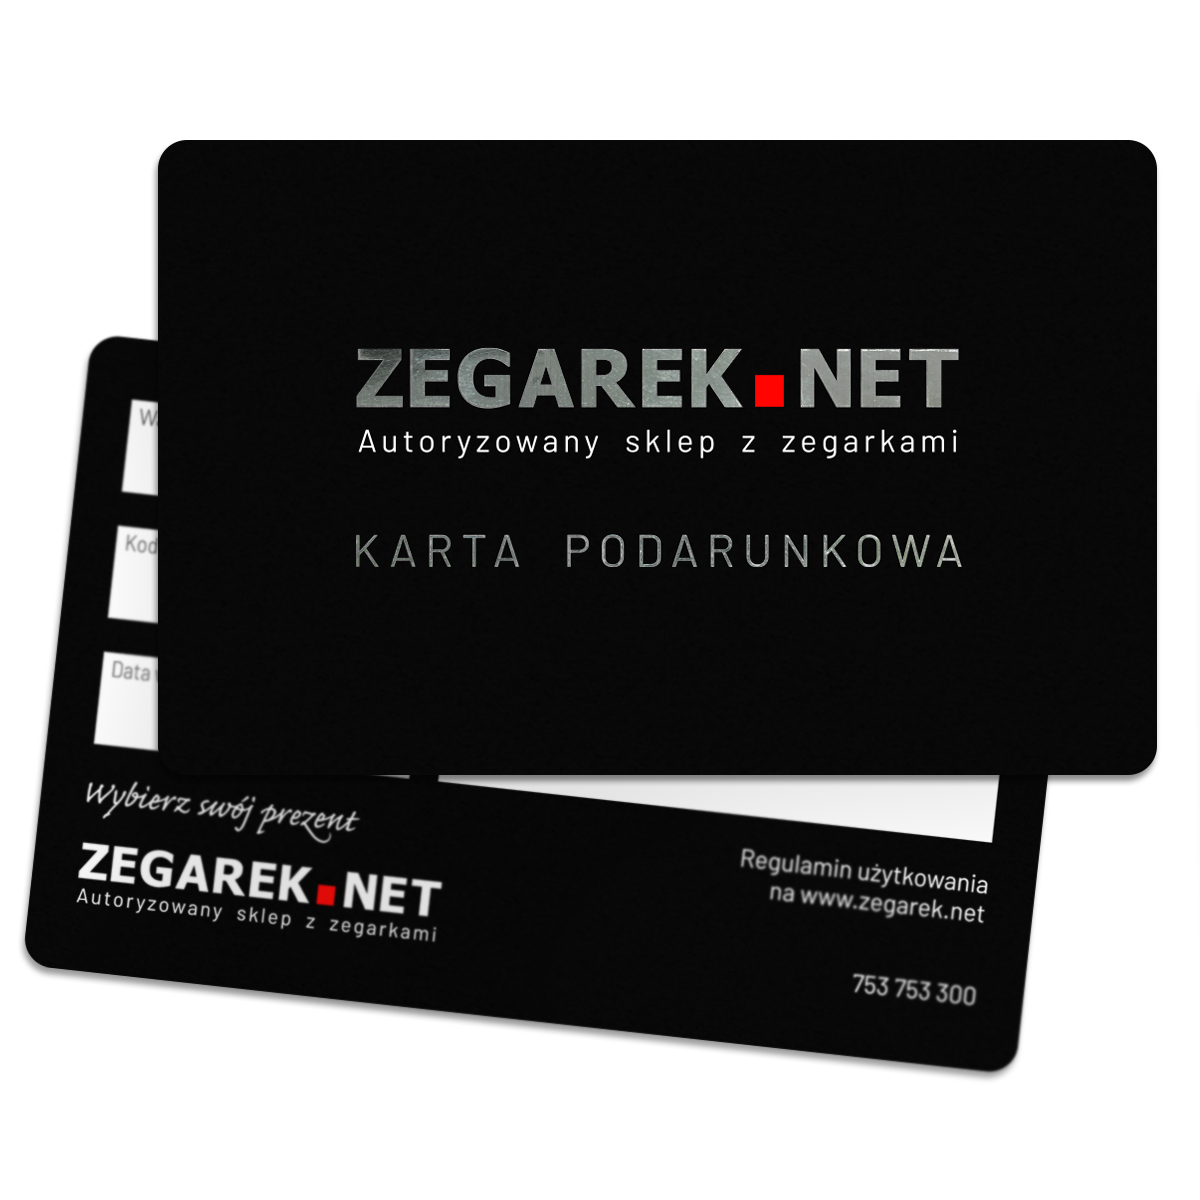 ZEGAREK.NET Karta podarunkowa 100 zł - karta podarunkowa